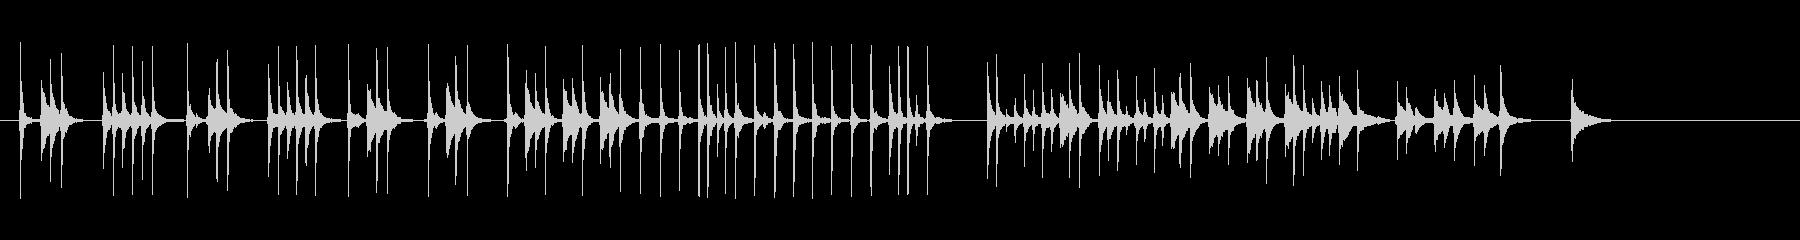 三味線122小鍛冶2合方稲荷山小狐丸刀剣の未再生の波形